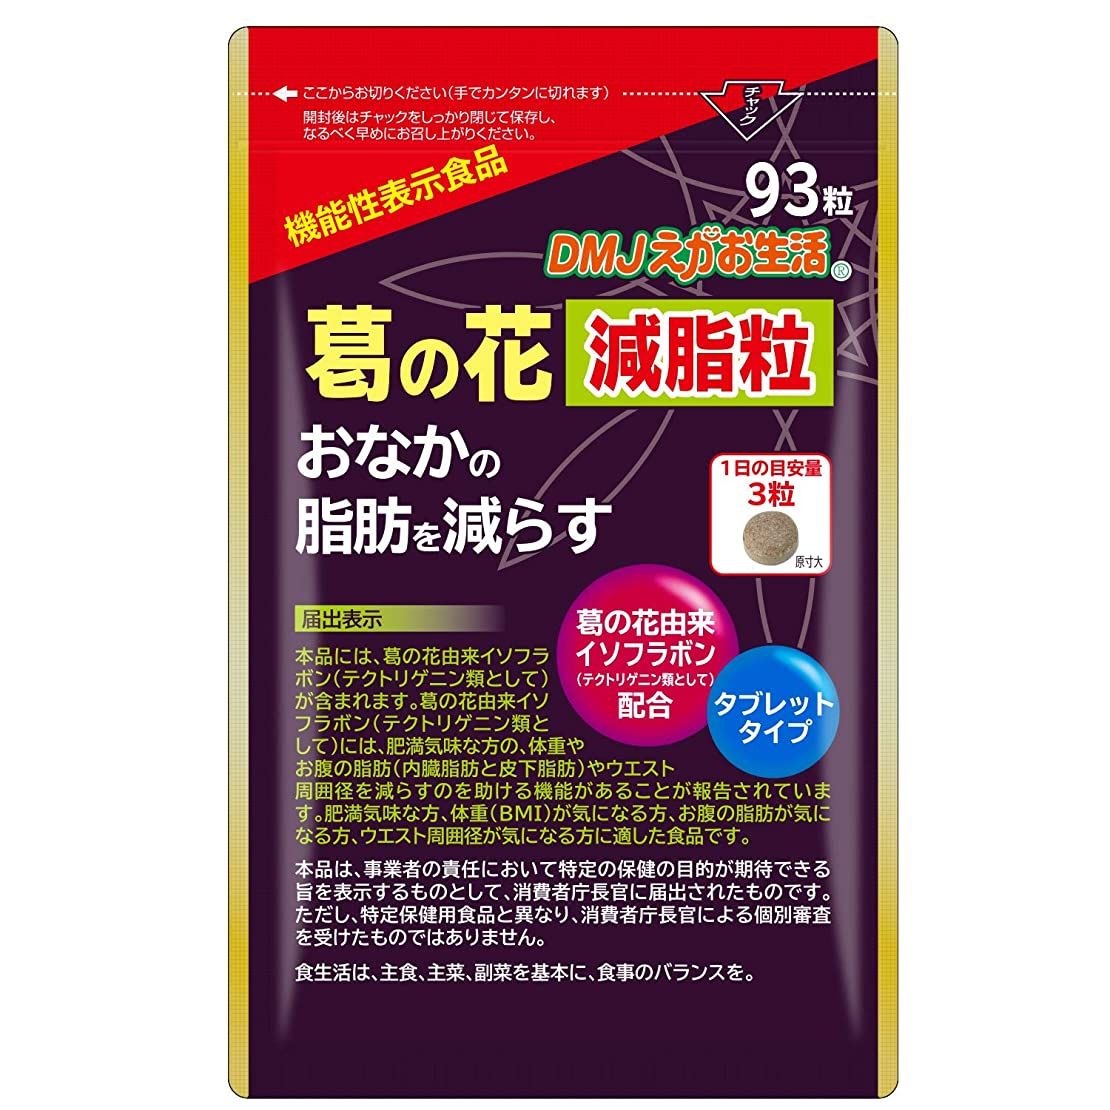 意見敵意ペルー葛の花減脂粒 [体重ケア サプリメント/DMJえがお生活] 葛の花イソフラボン含有 内臓脂肪 (機能性表示食品) 肥満 日本製 31日分